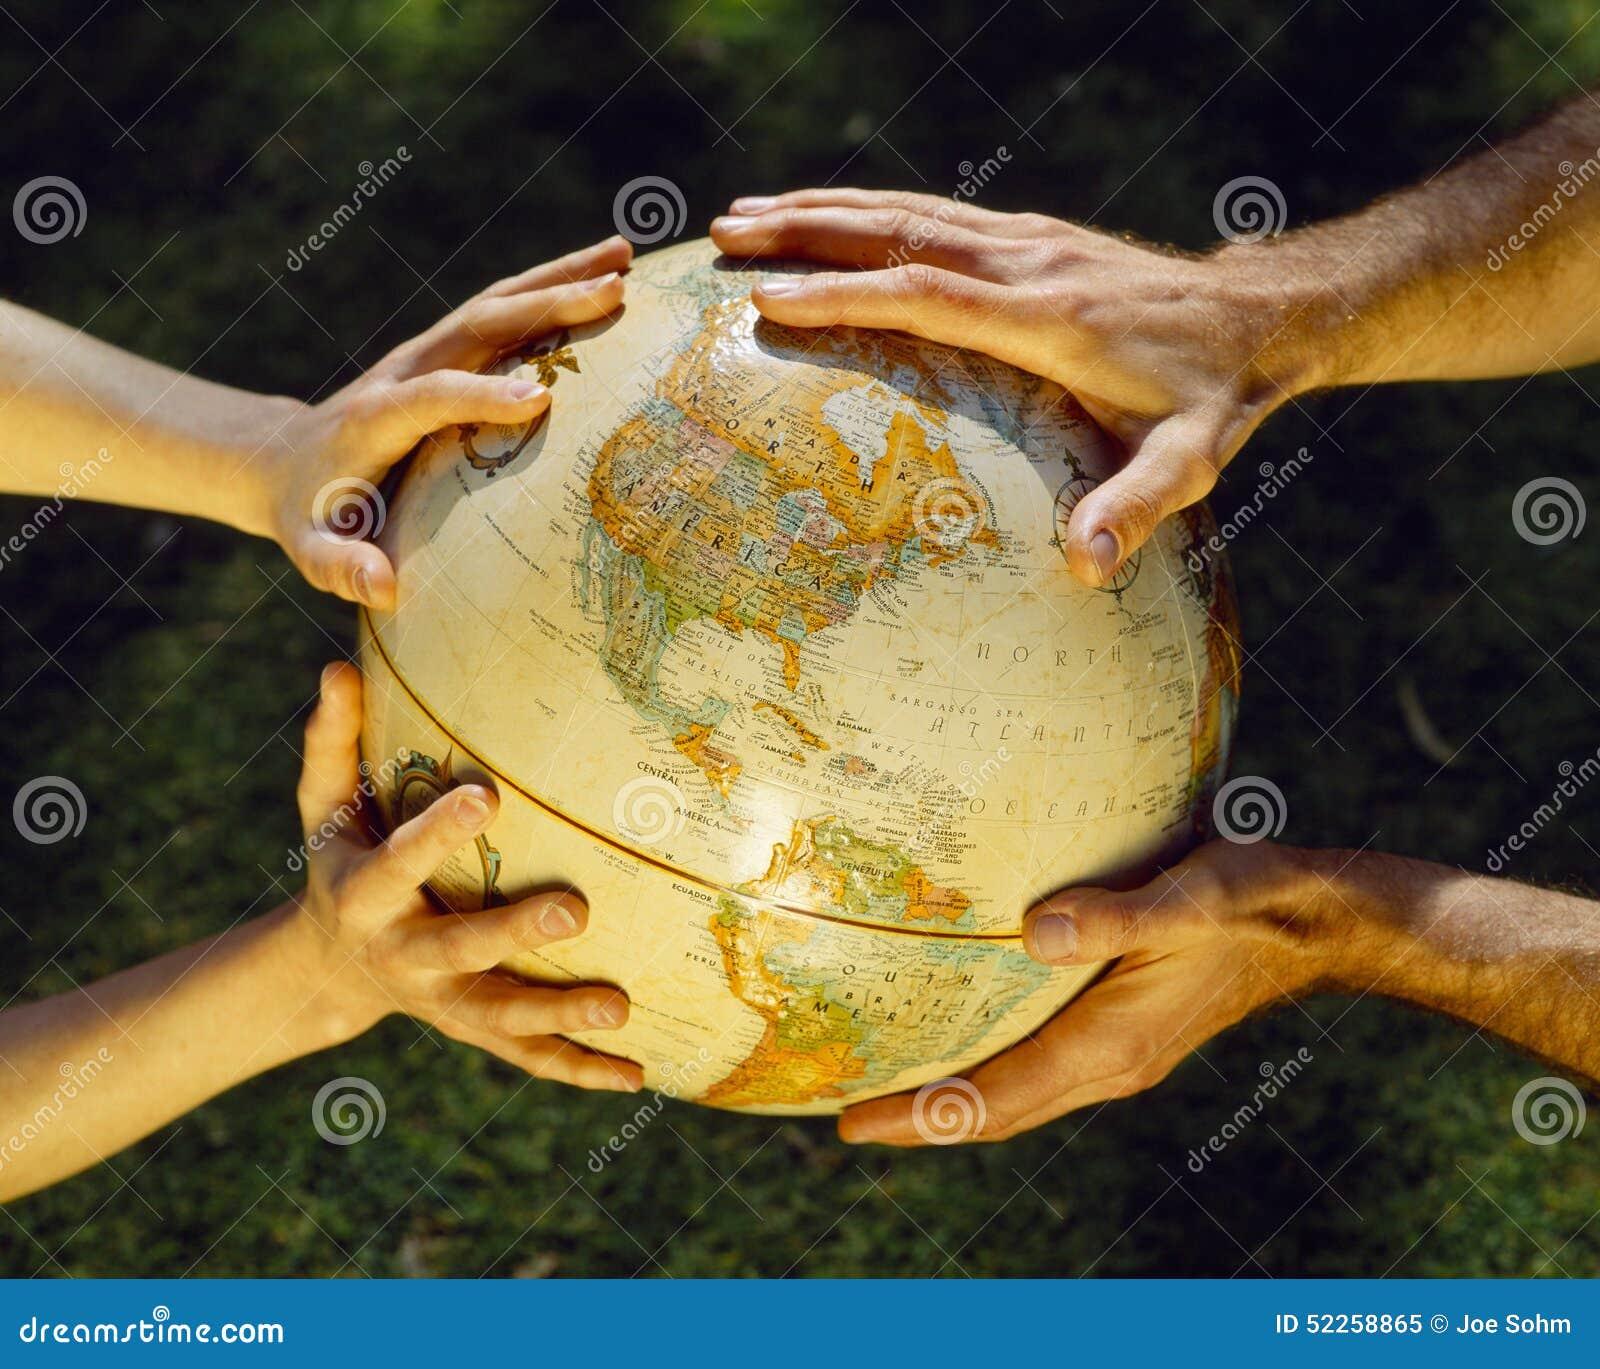 Globo en manos, cuidado ambiental